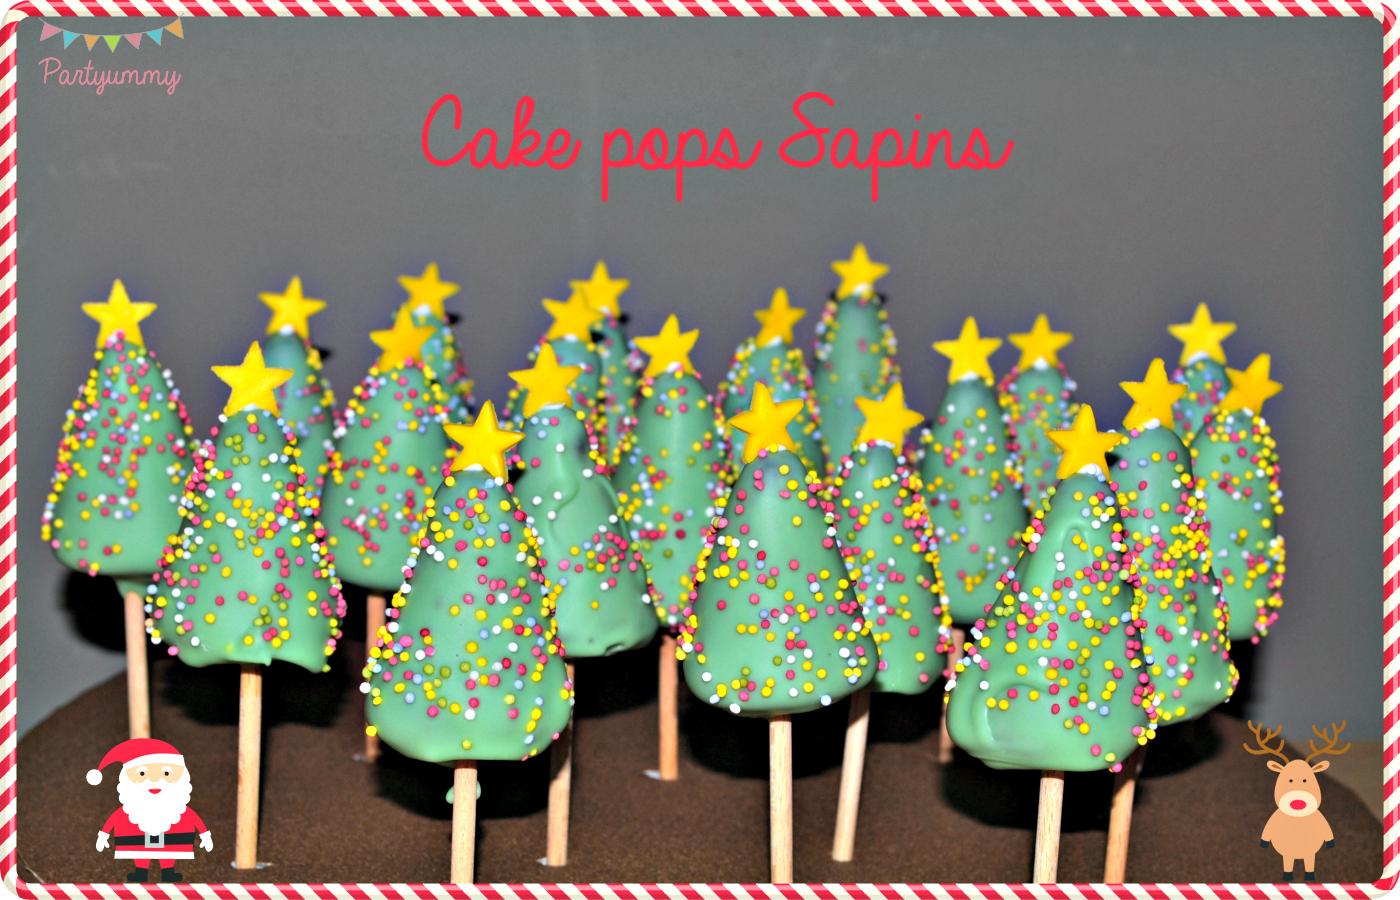 cake-pops-sapin-noel-christmas-tree